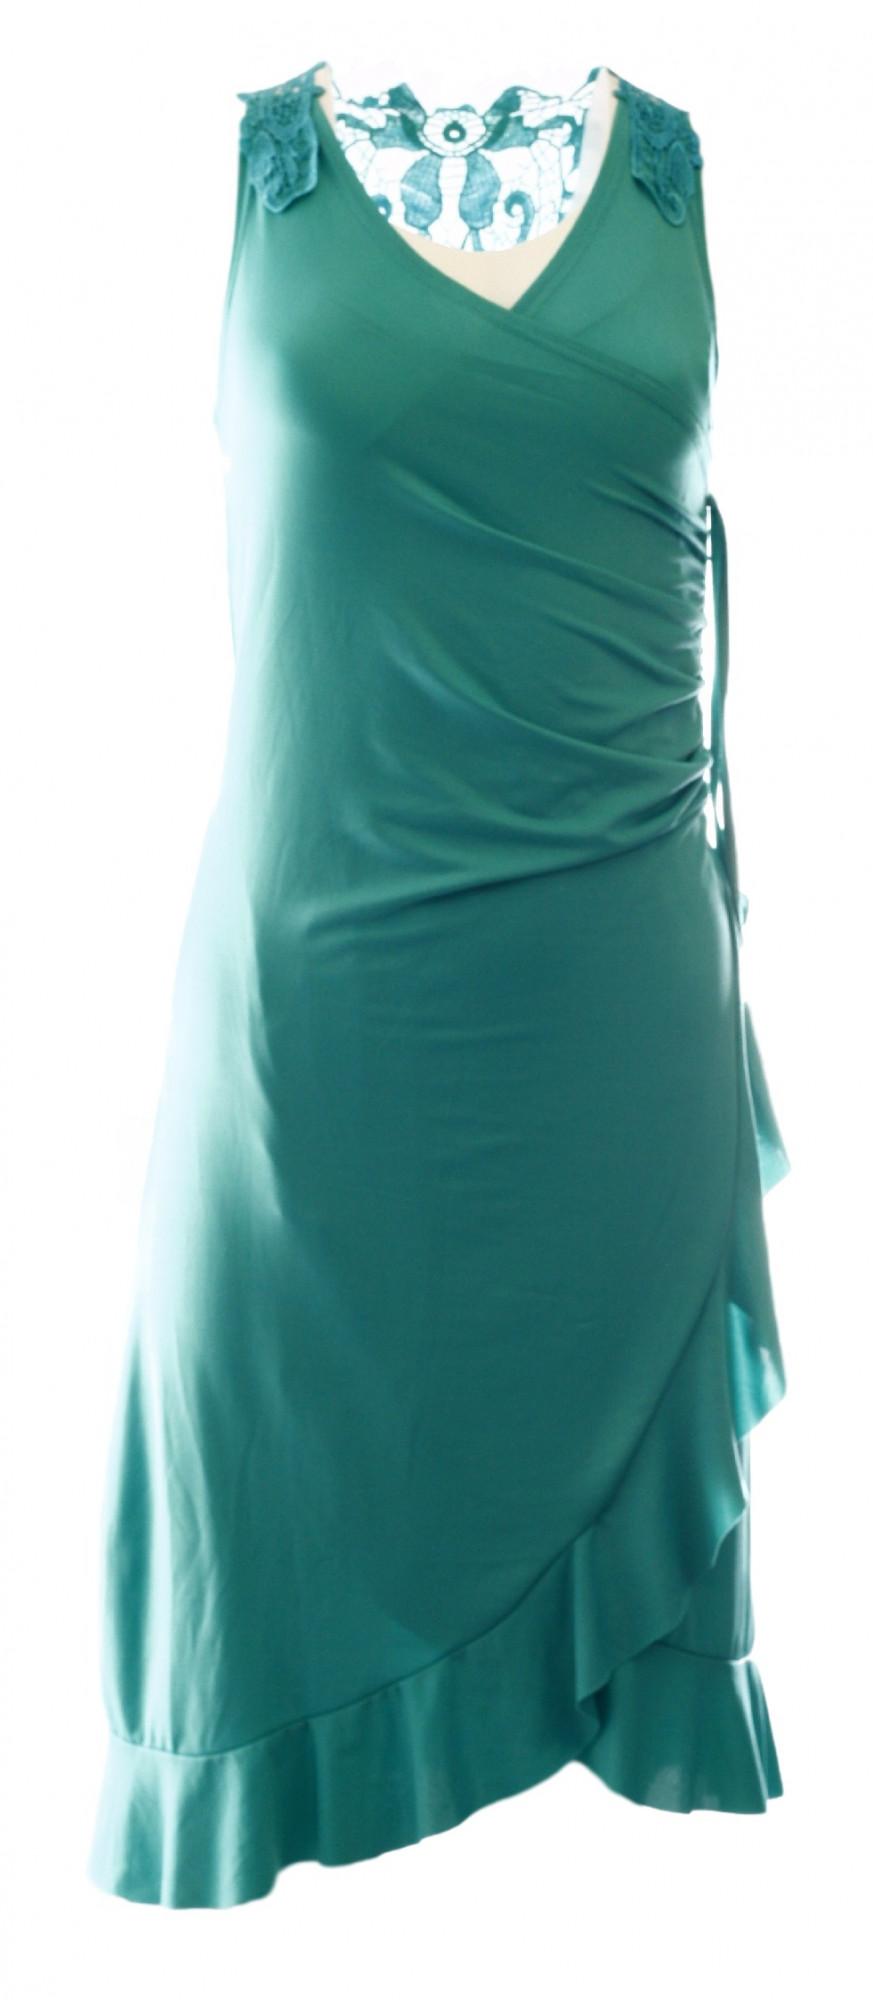 Dámské šaty - Gemini Barva: zelená, Velikost: S